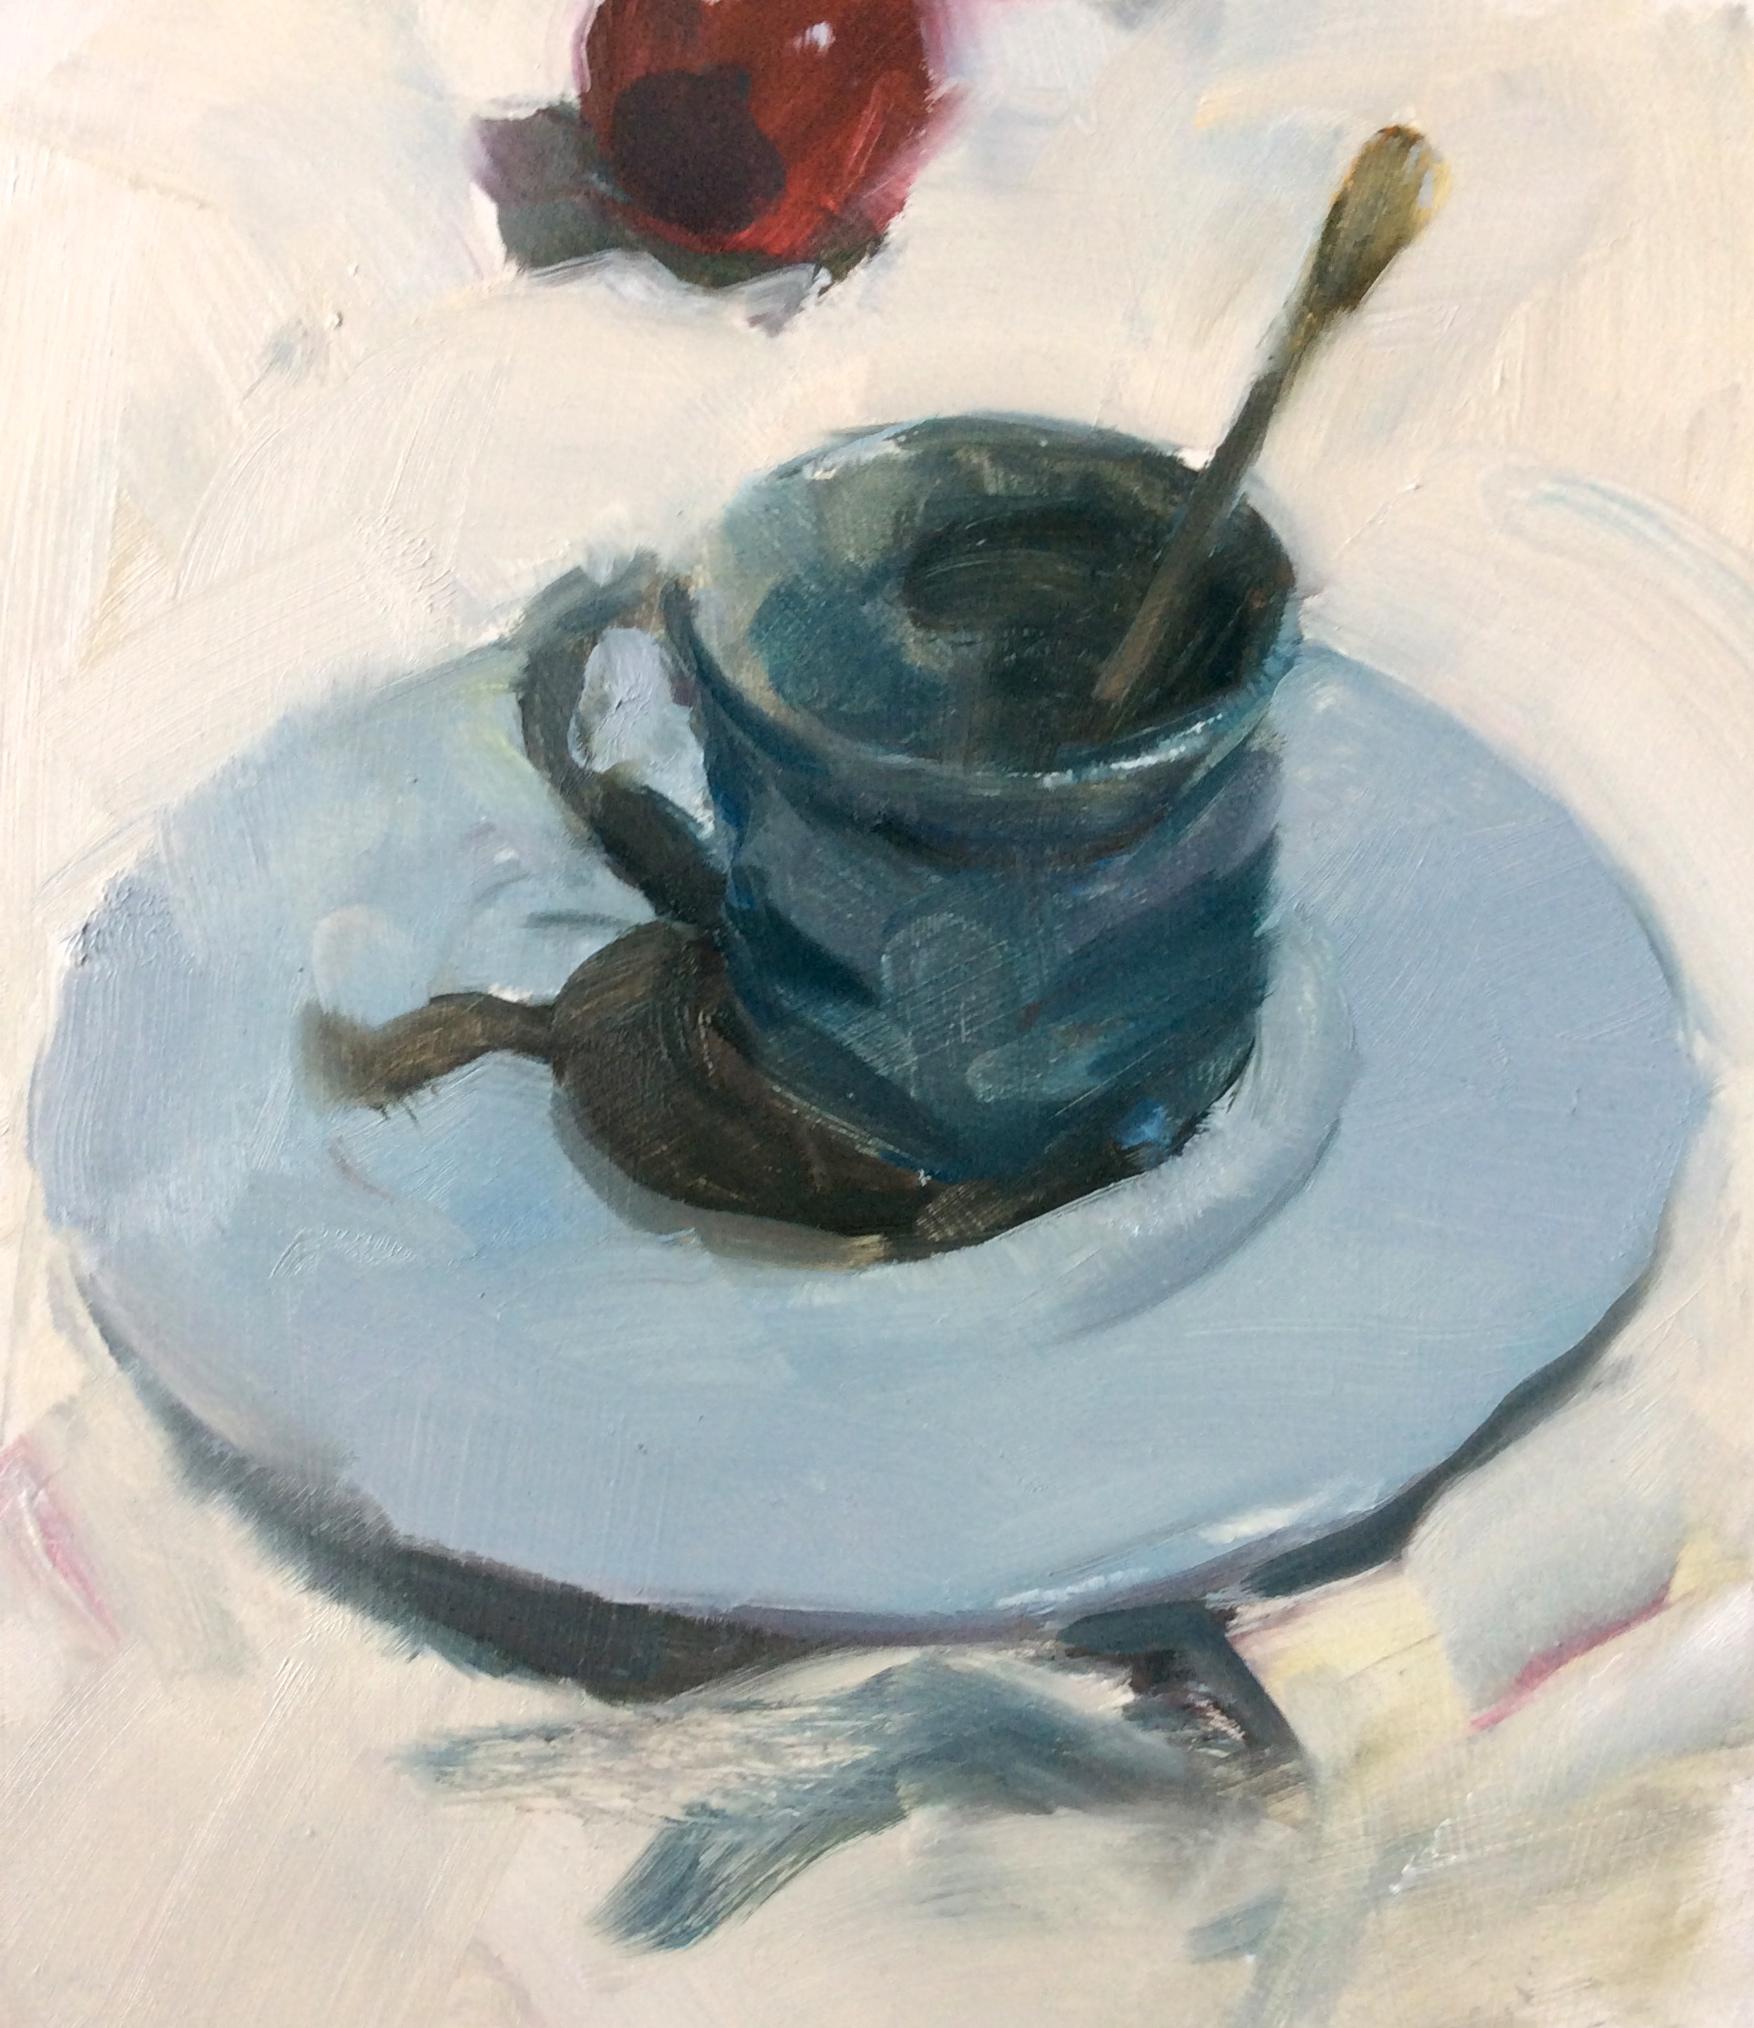 cup&spoon.jpg